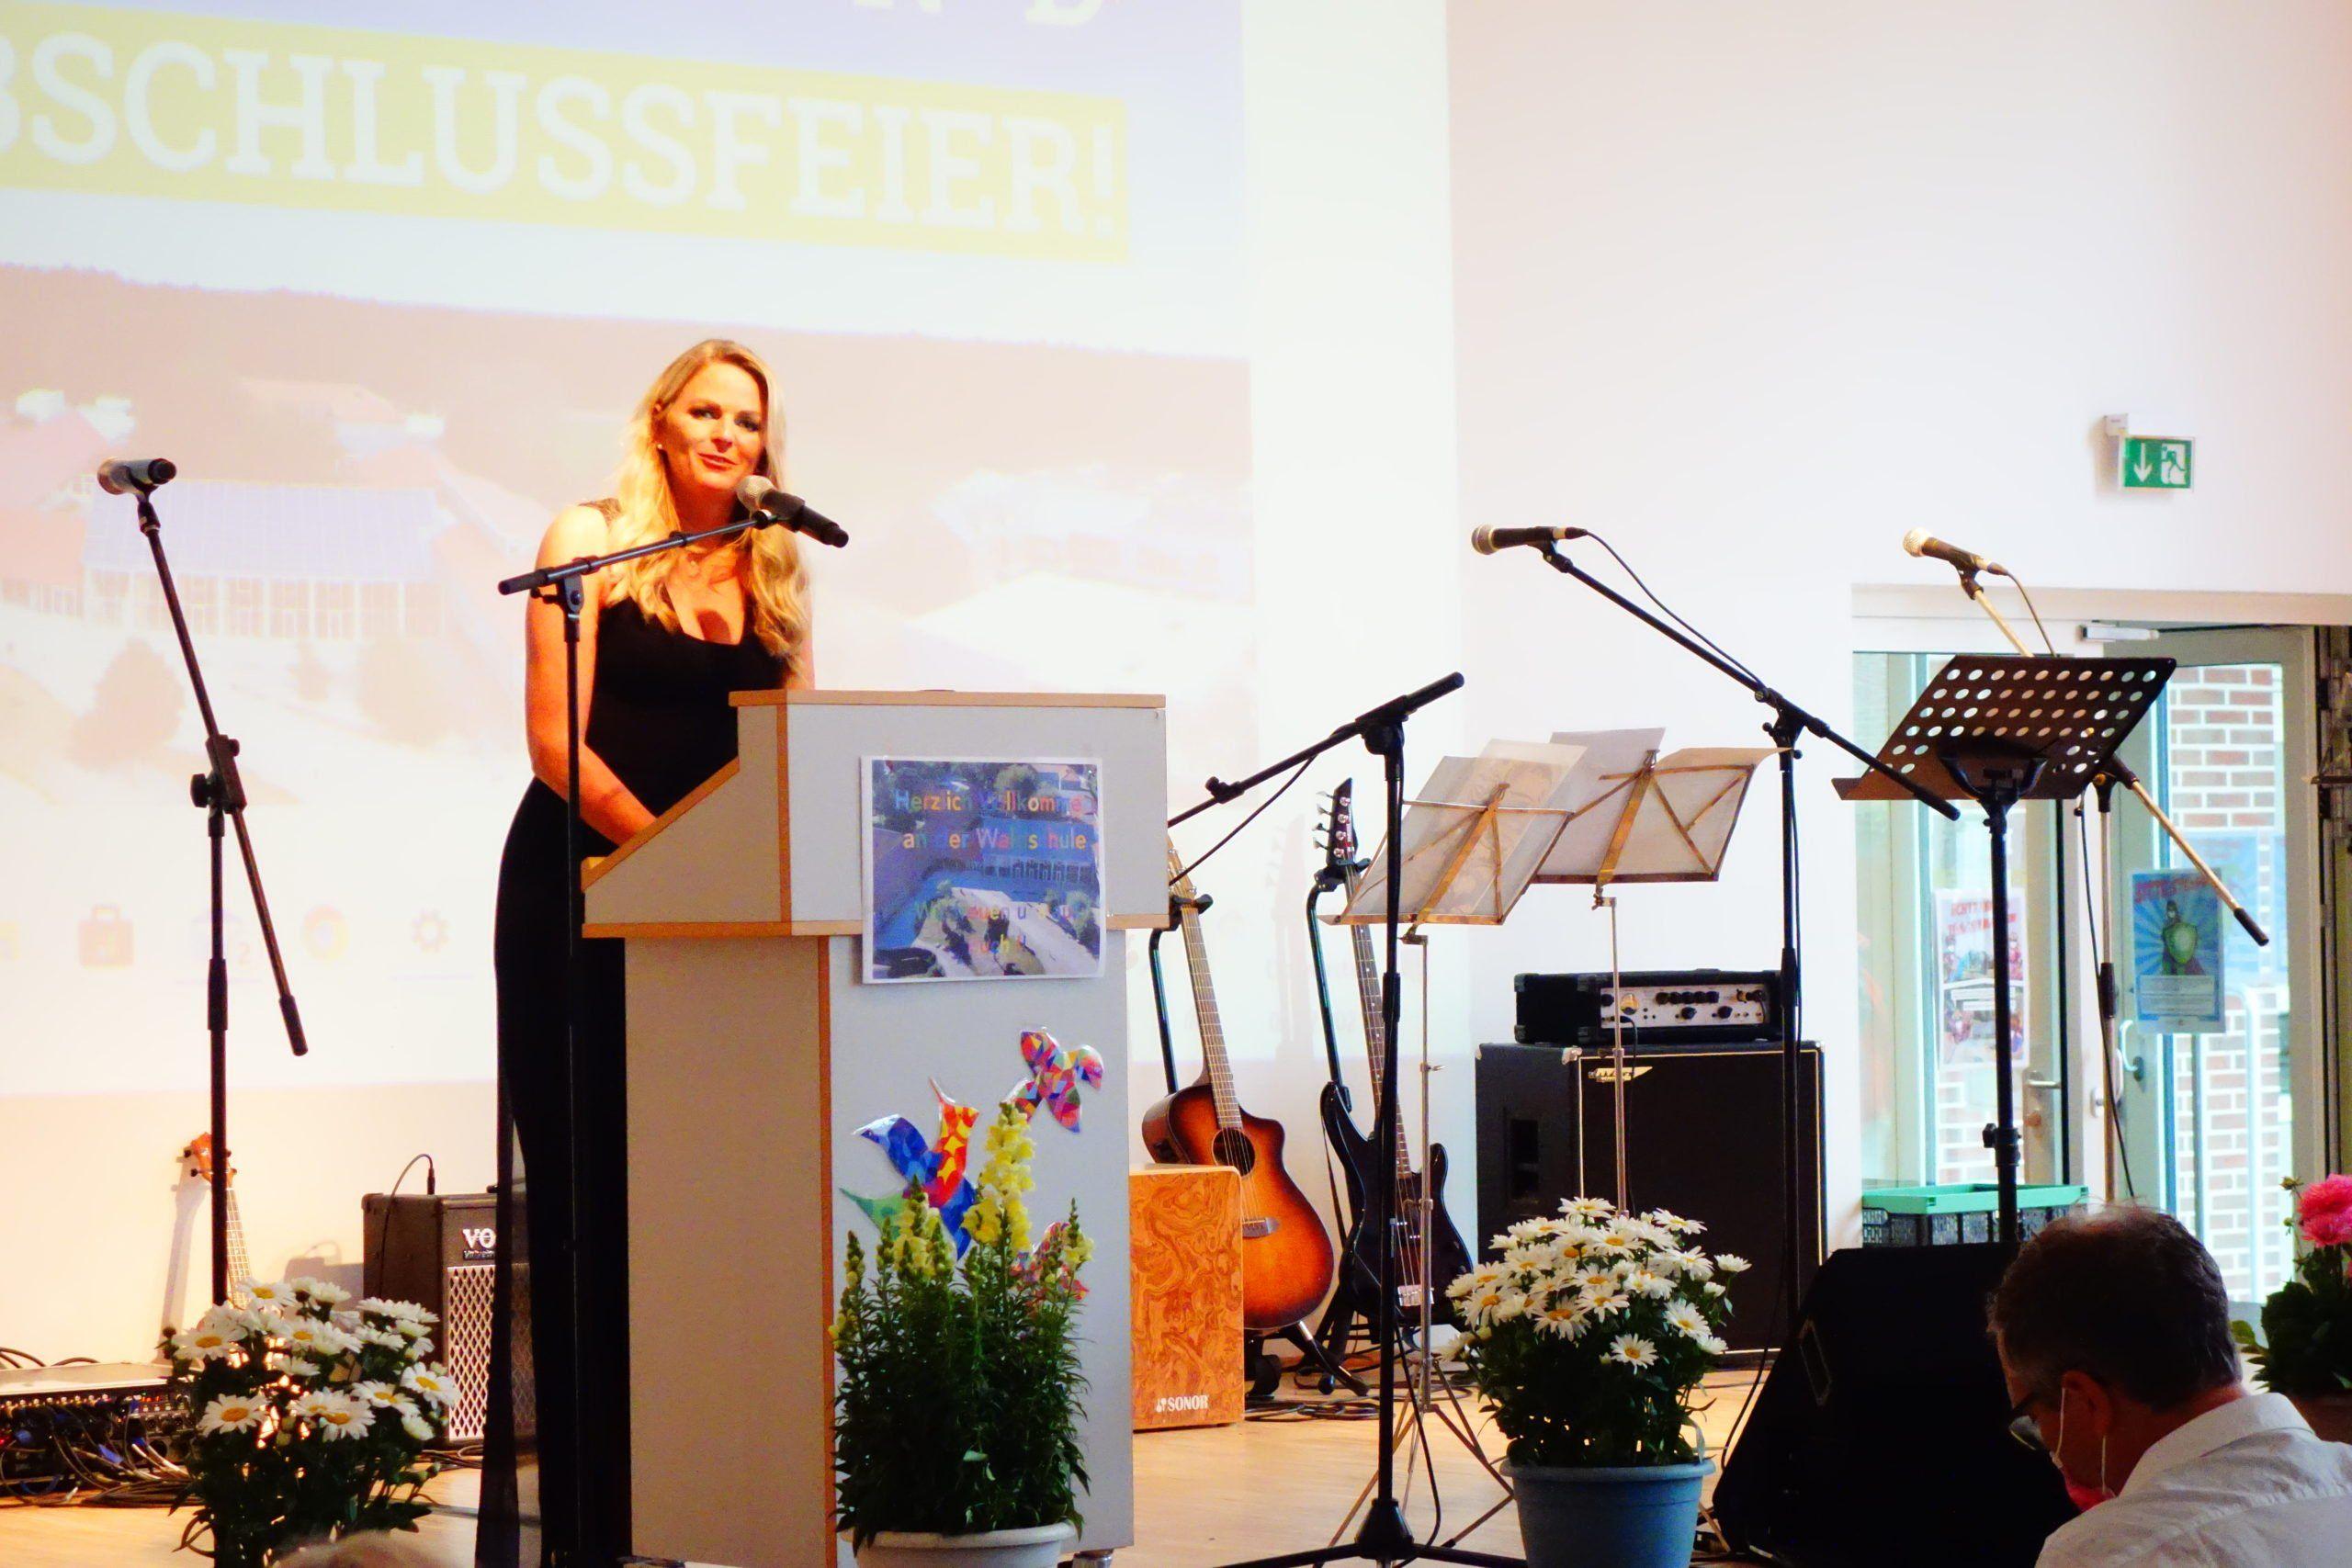 Abschlussrede der Schulleiterin <br>Silke Müller